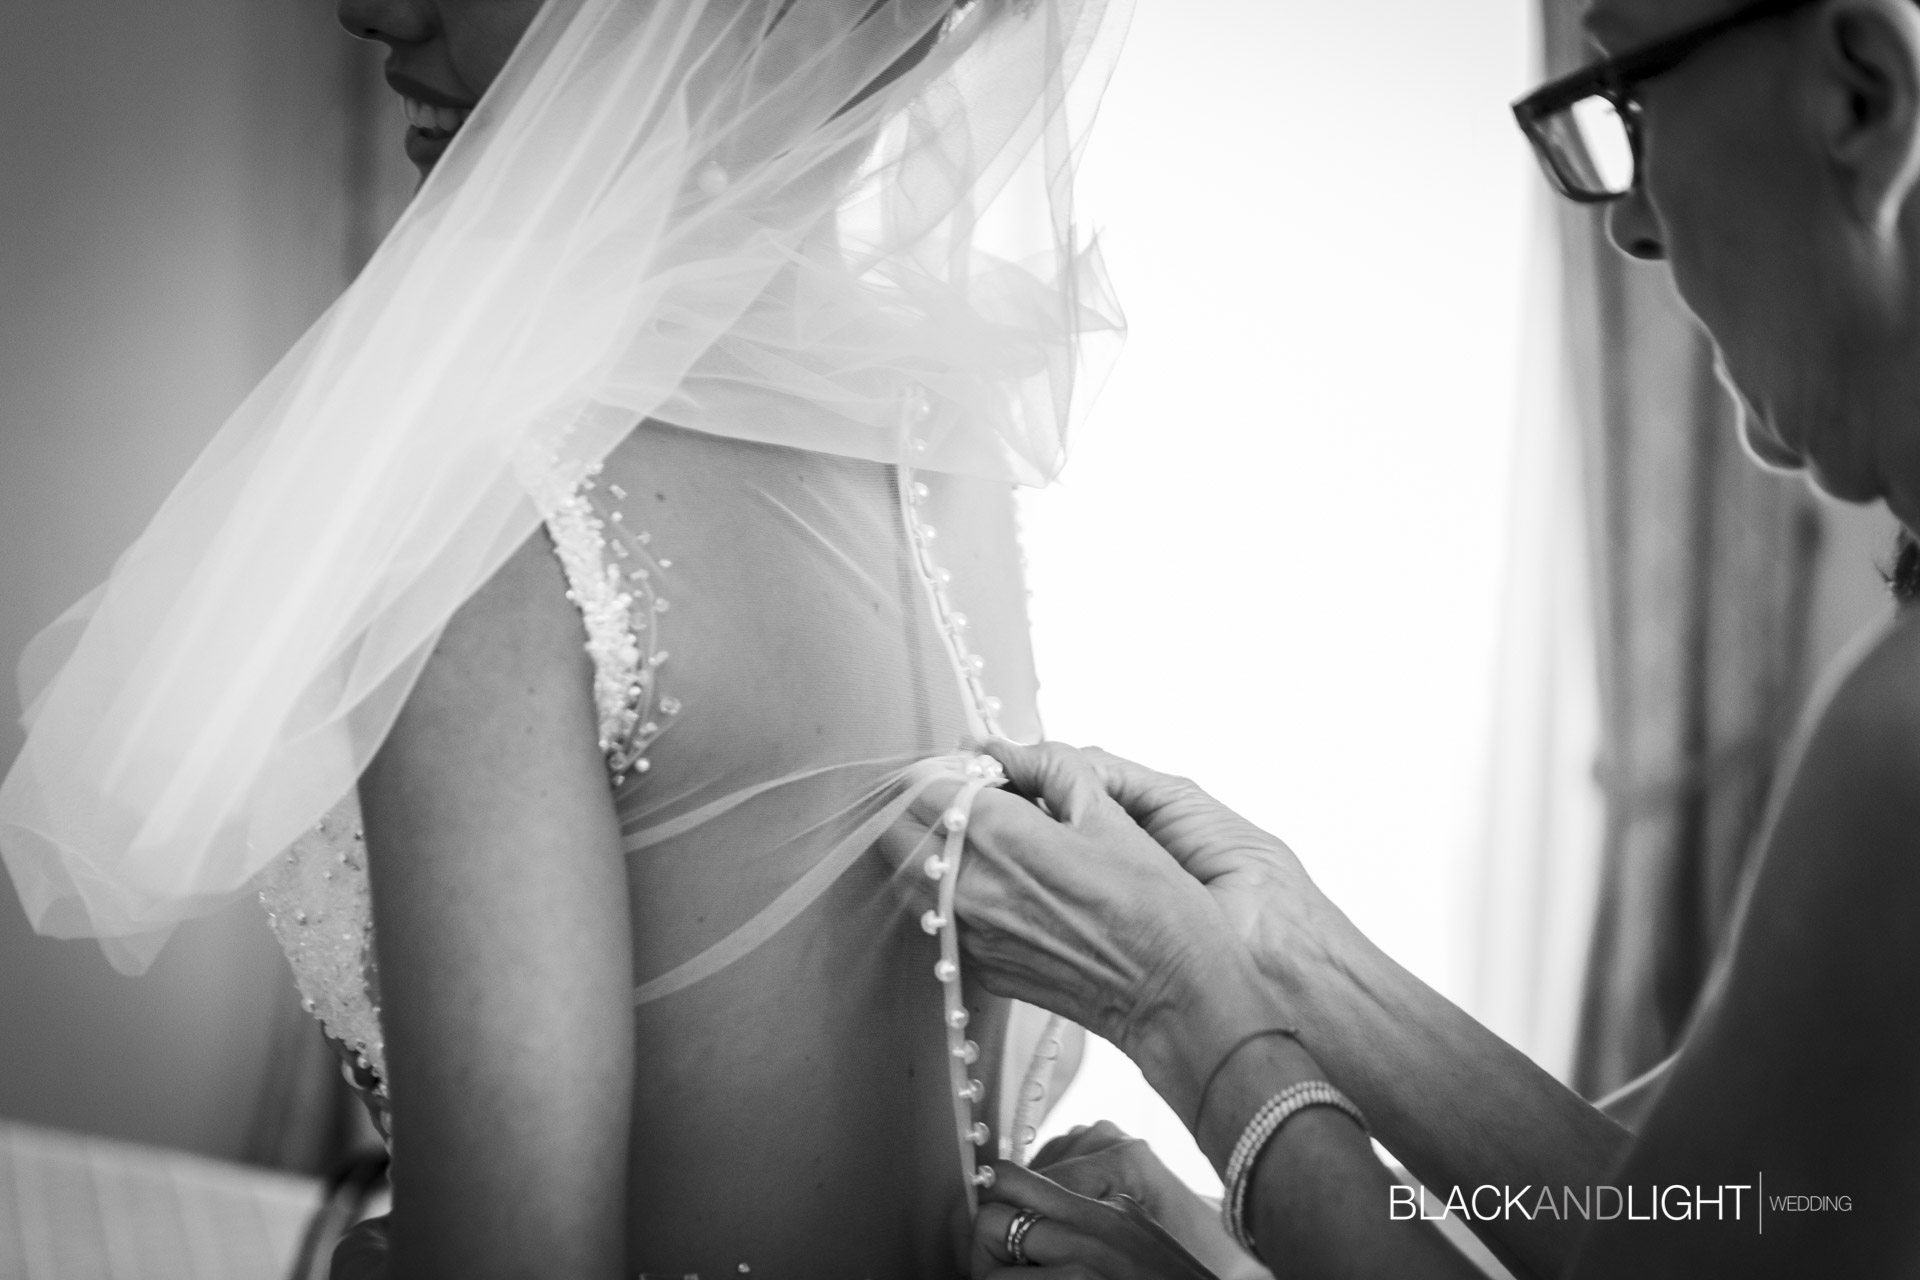 Dettaglio Chiusura Vestito Sposa